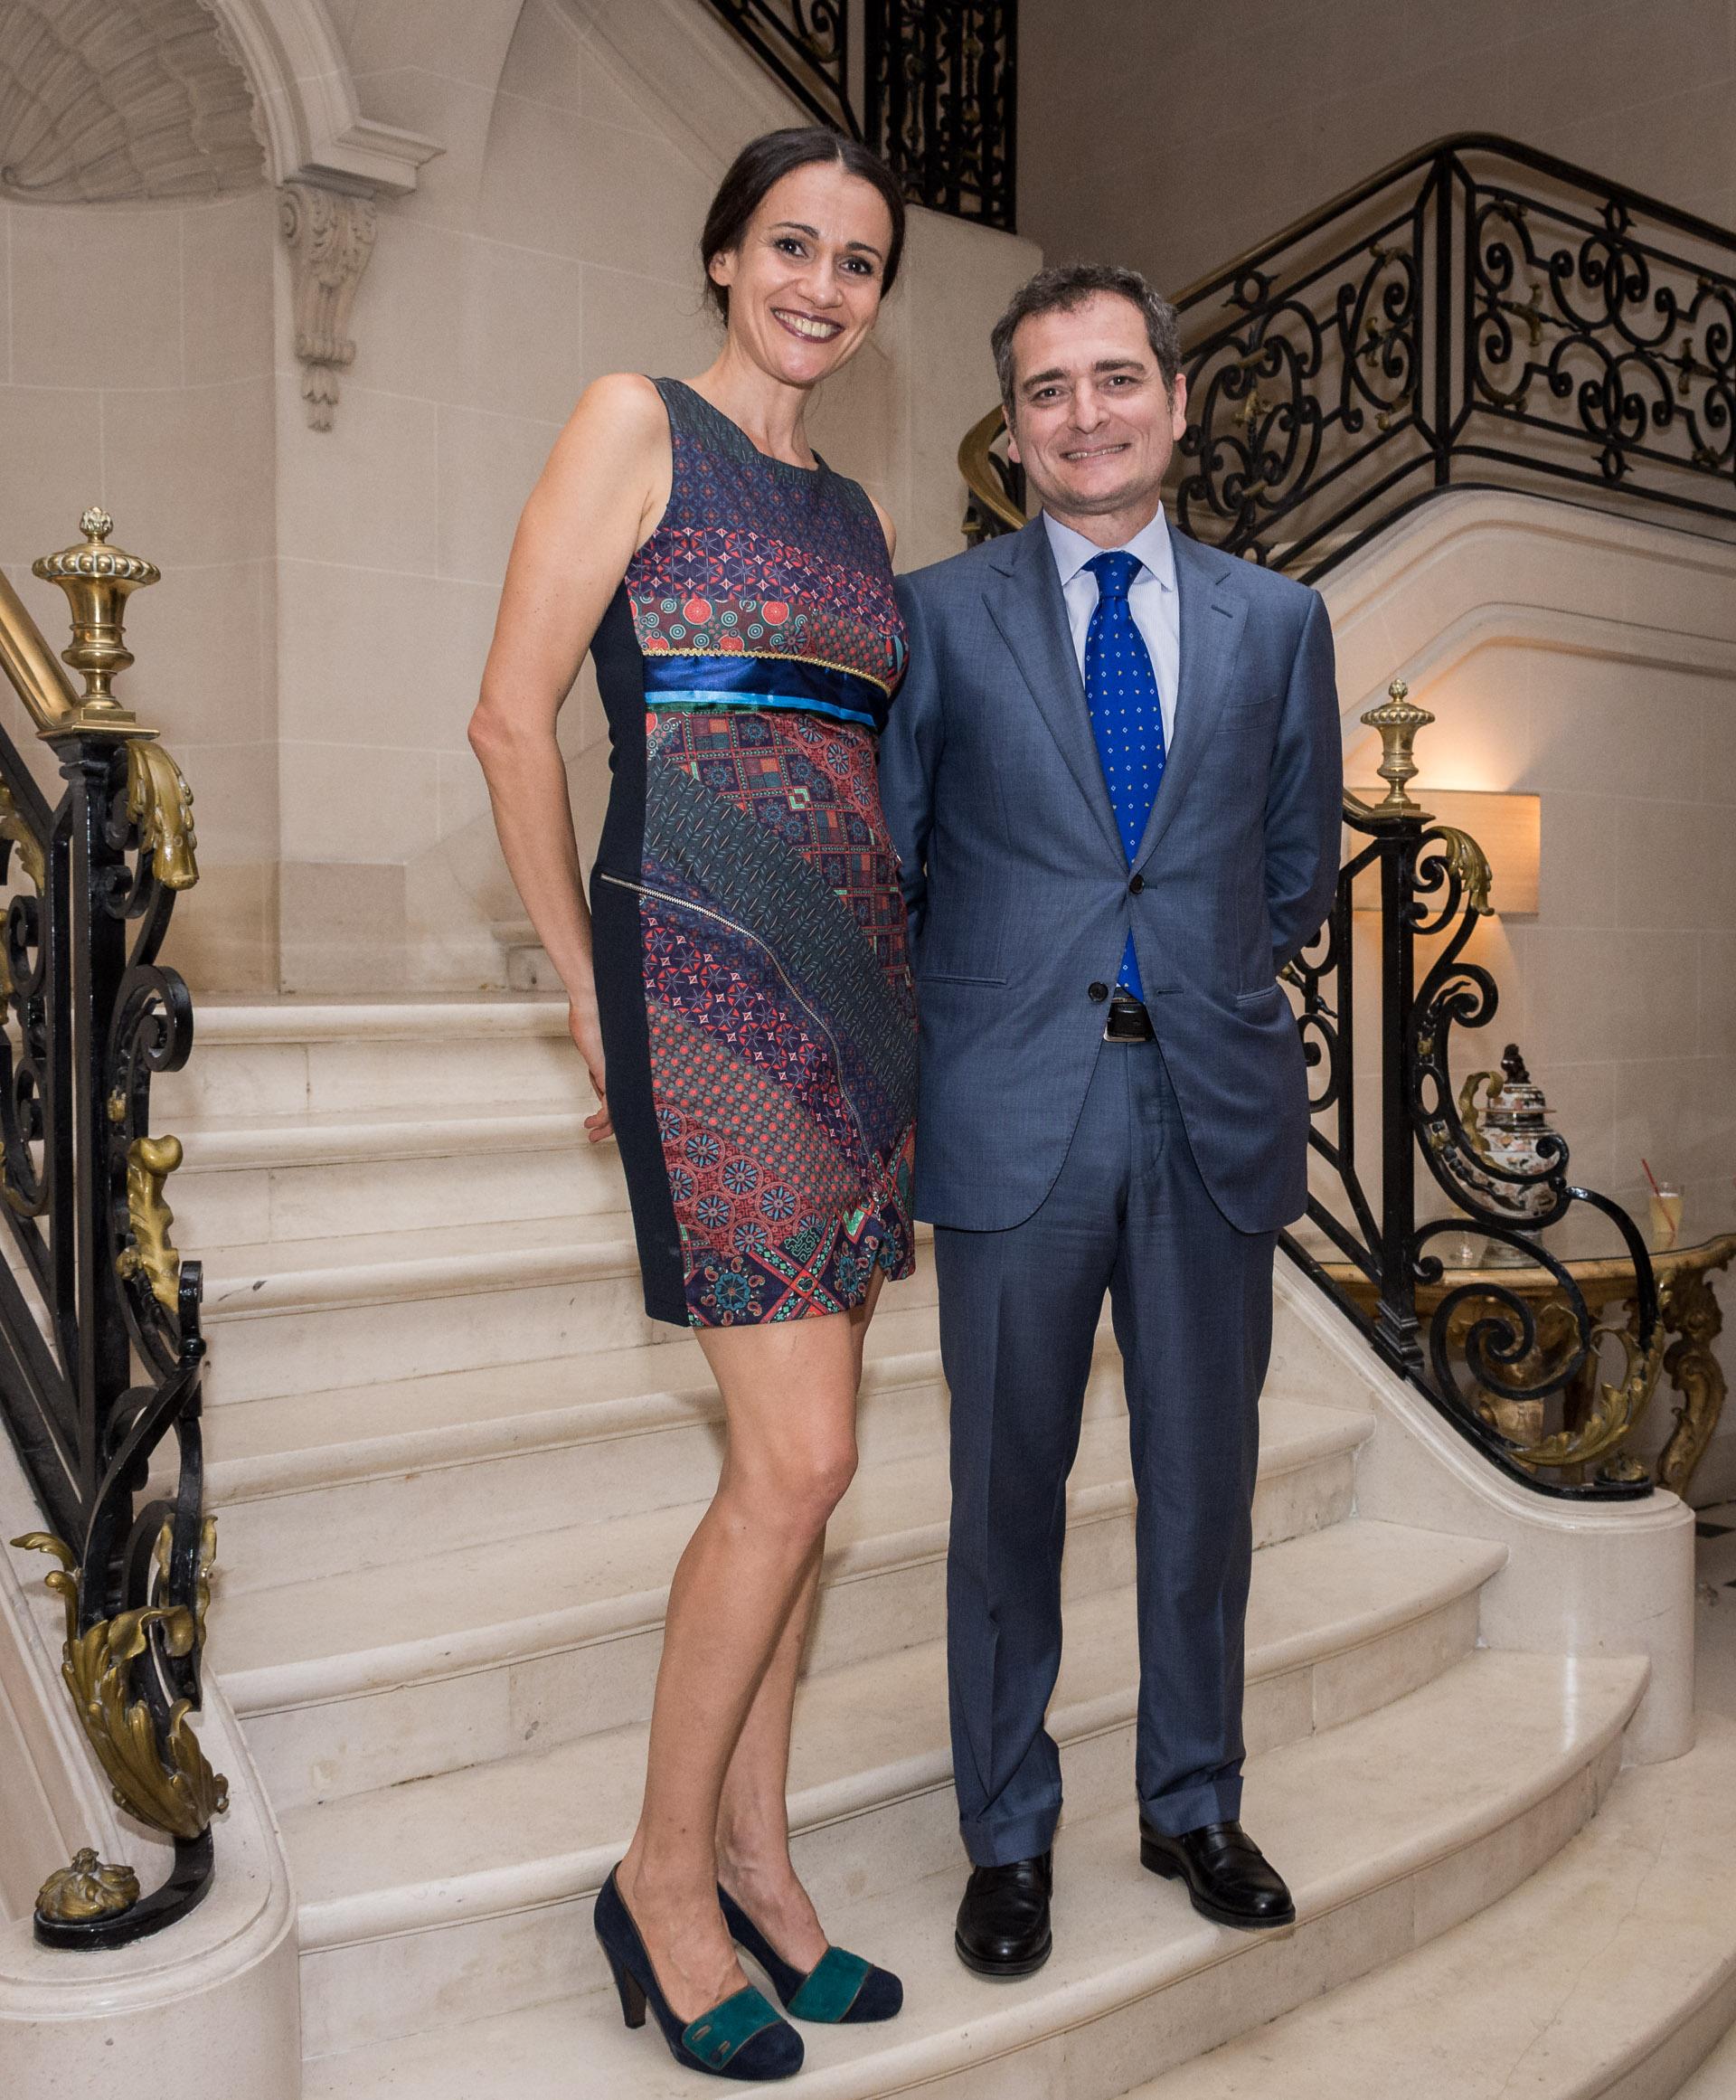 Elisabetta Riva, directora general del Teatro Coliseo junto al cónsul italiano en Argentina, Riccardo Smimmo